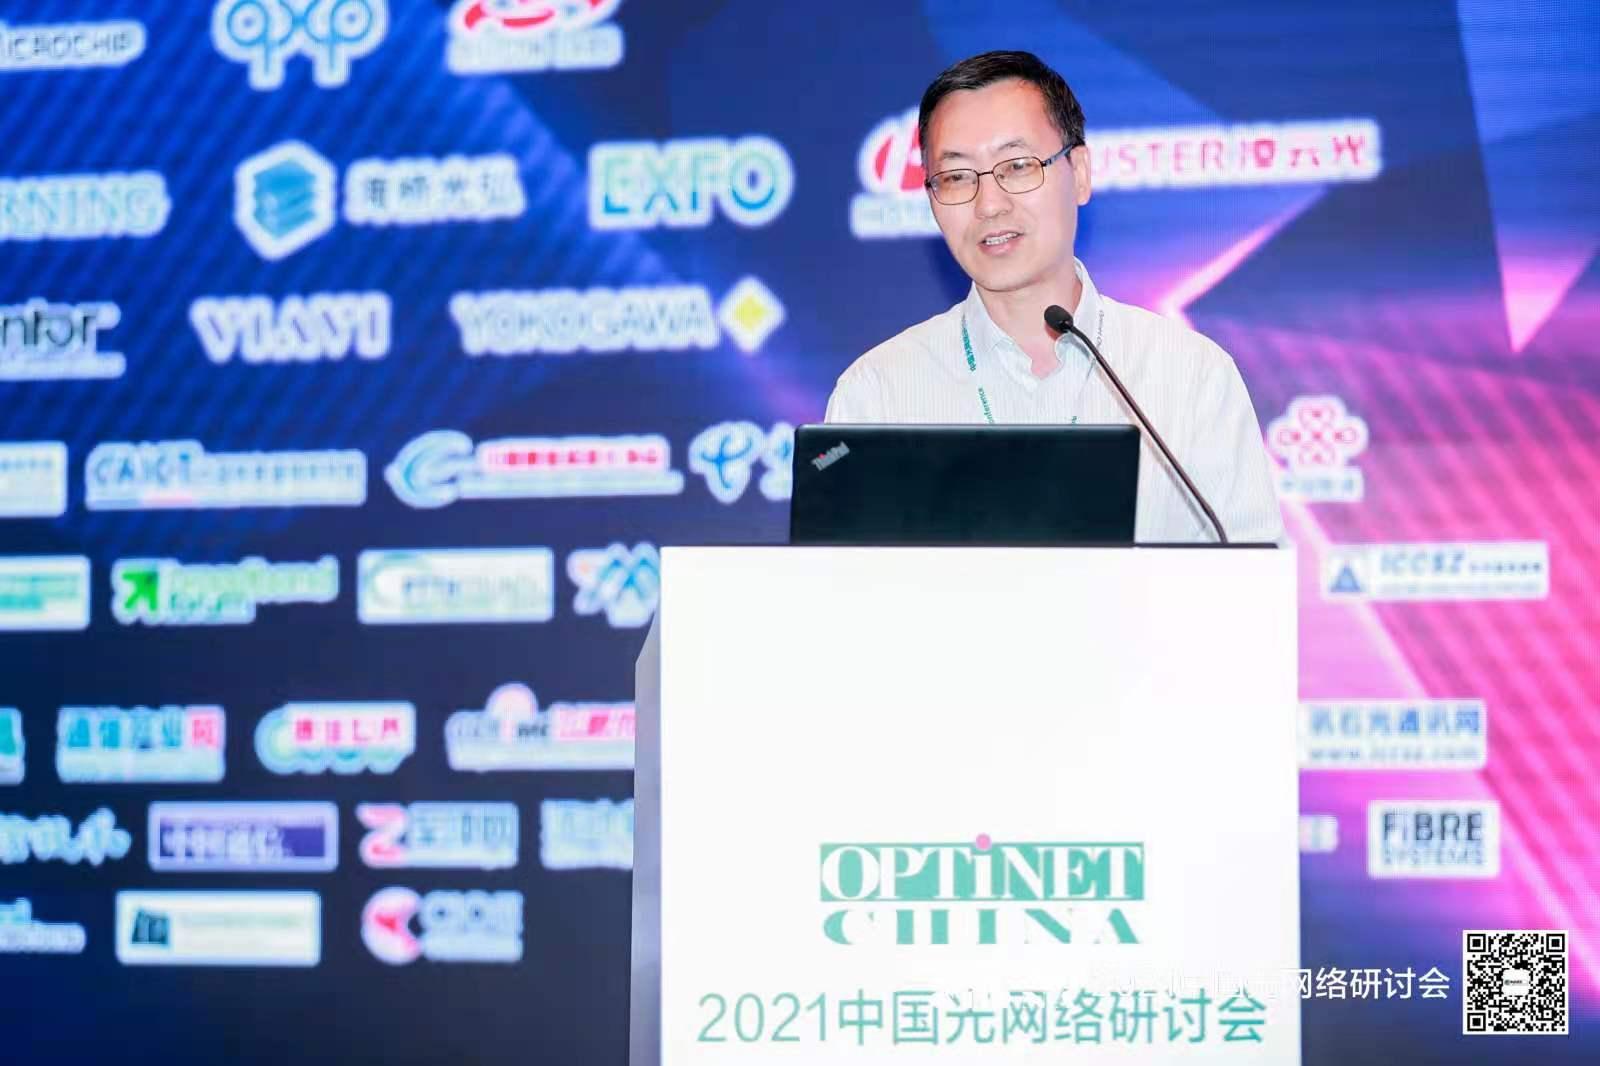 中国联通唐雄燕:基于全光底座的新一代数字基础设施